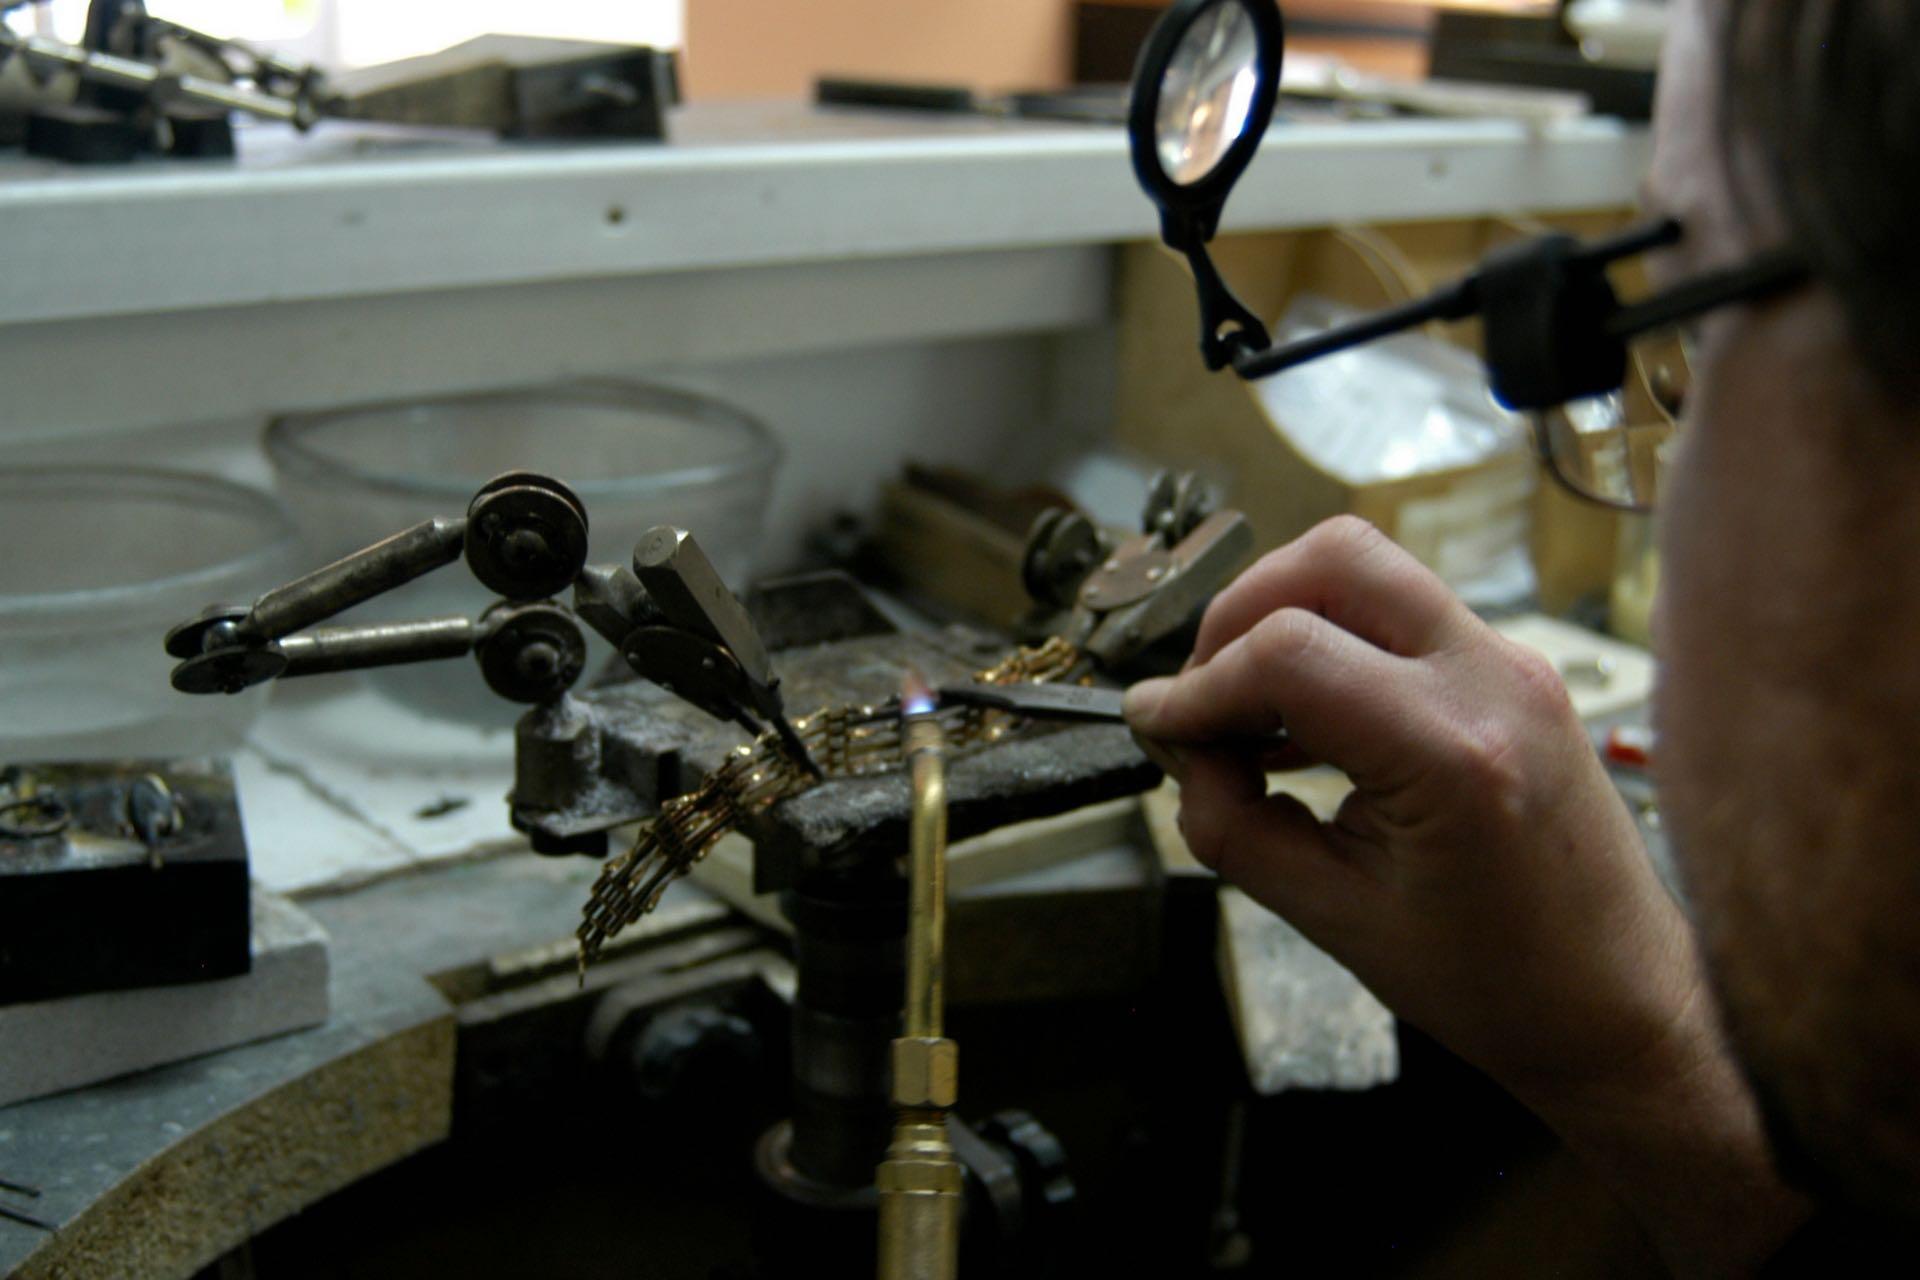 jewellery-repairs-ml